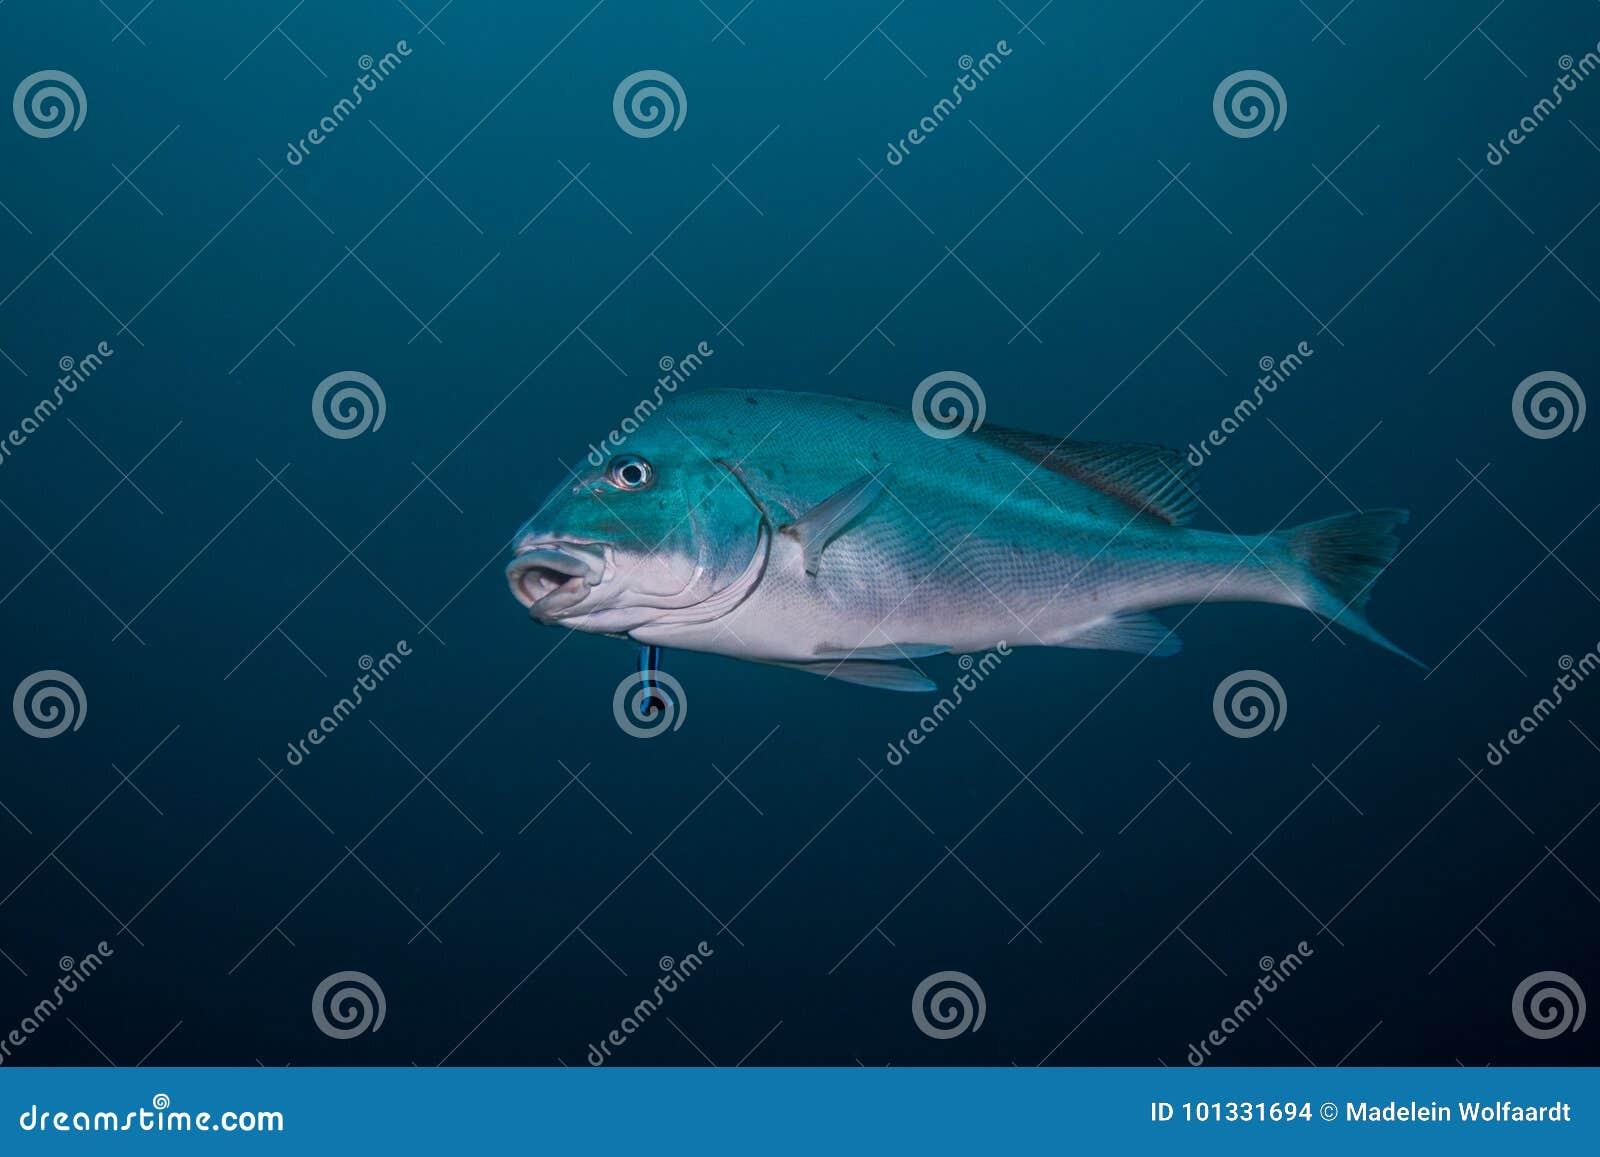 Fische Sailfin Rubberlip/Sweetlip lokalisierten Schwimmen im offenen Wasser